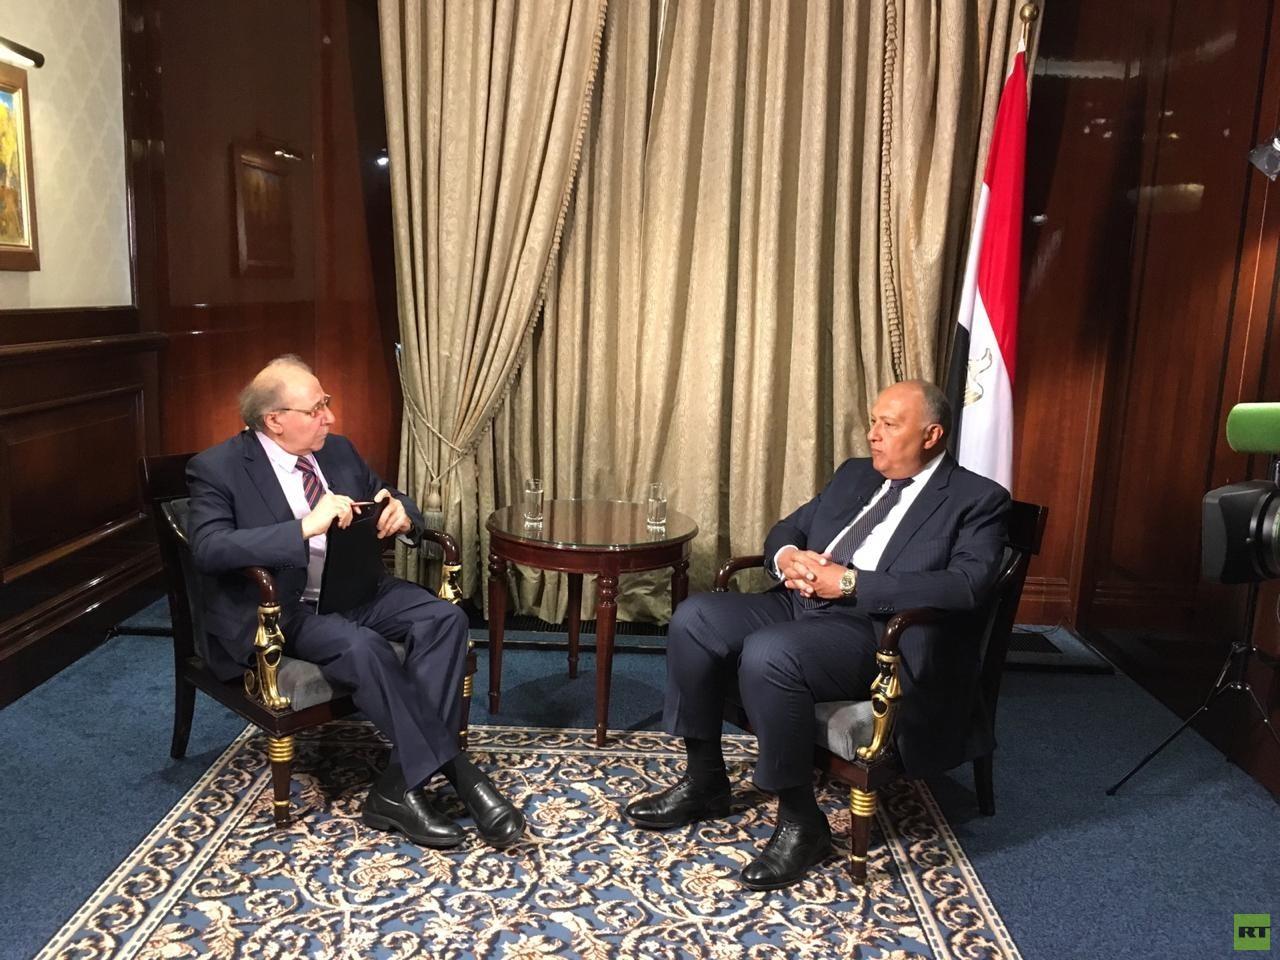 شكري لـRT: نرفض تدخلات إيران وأمن الخليج من أمن مصر